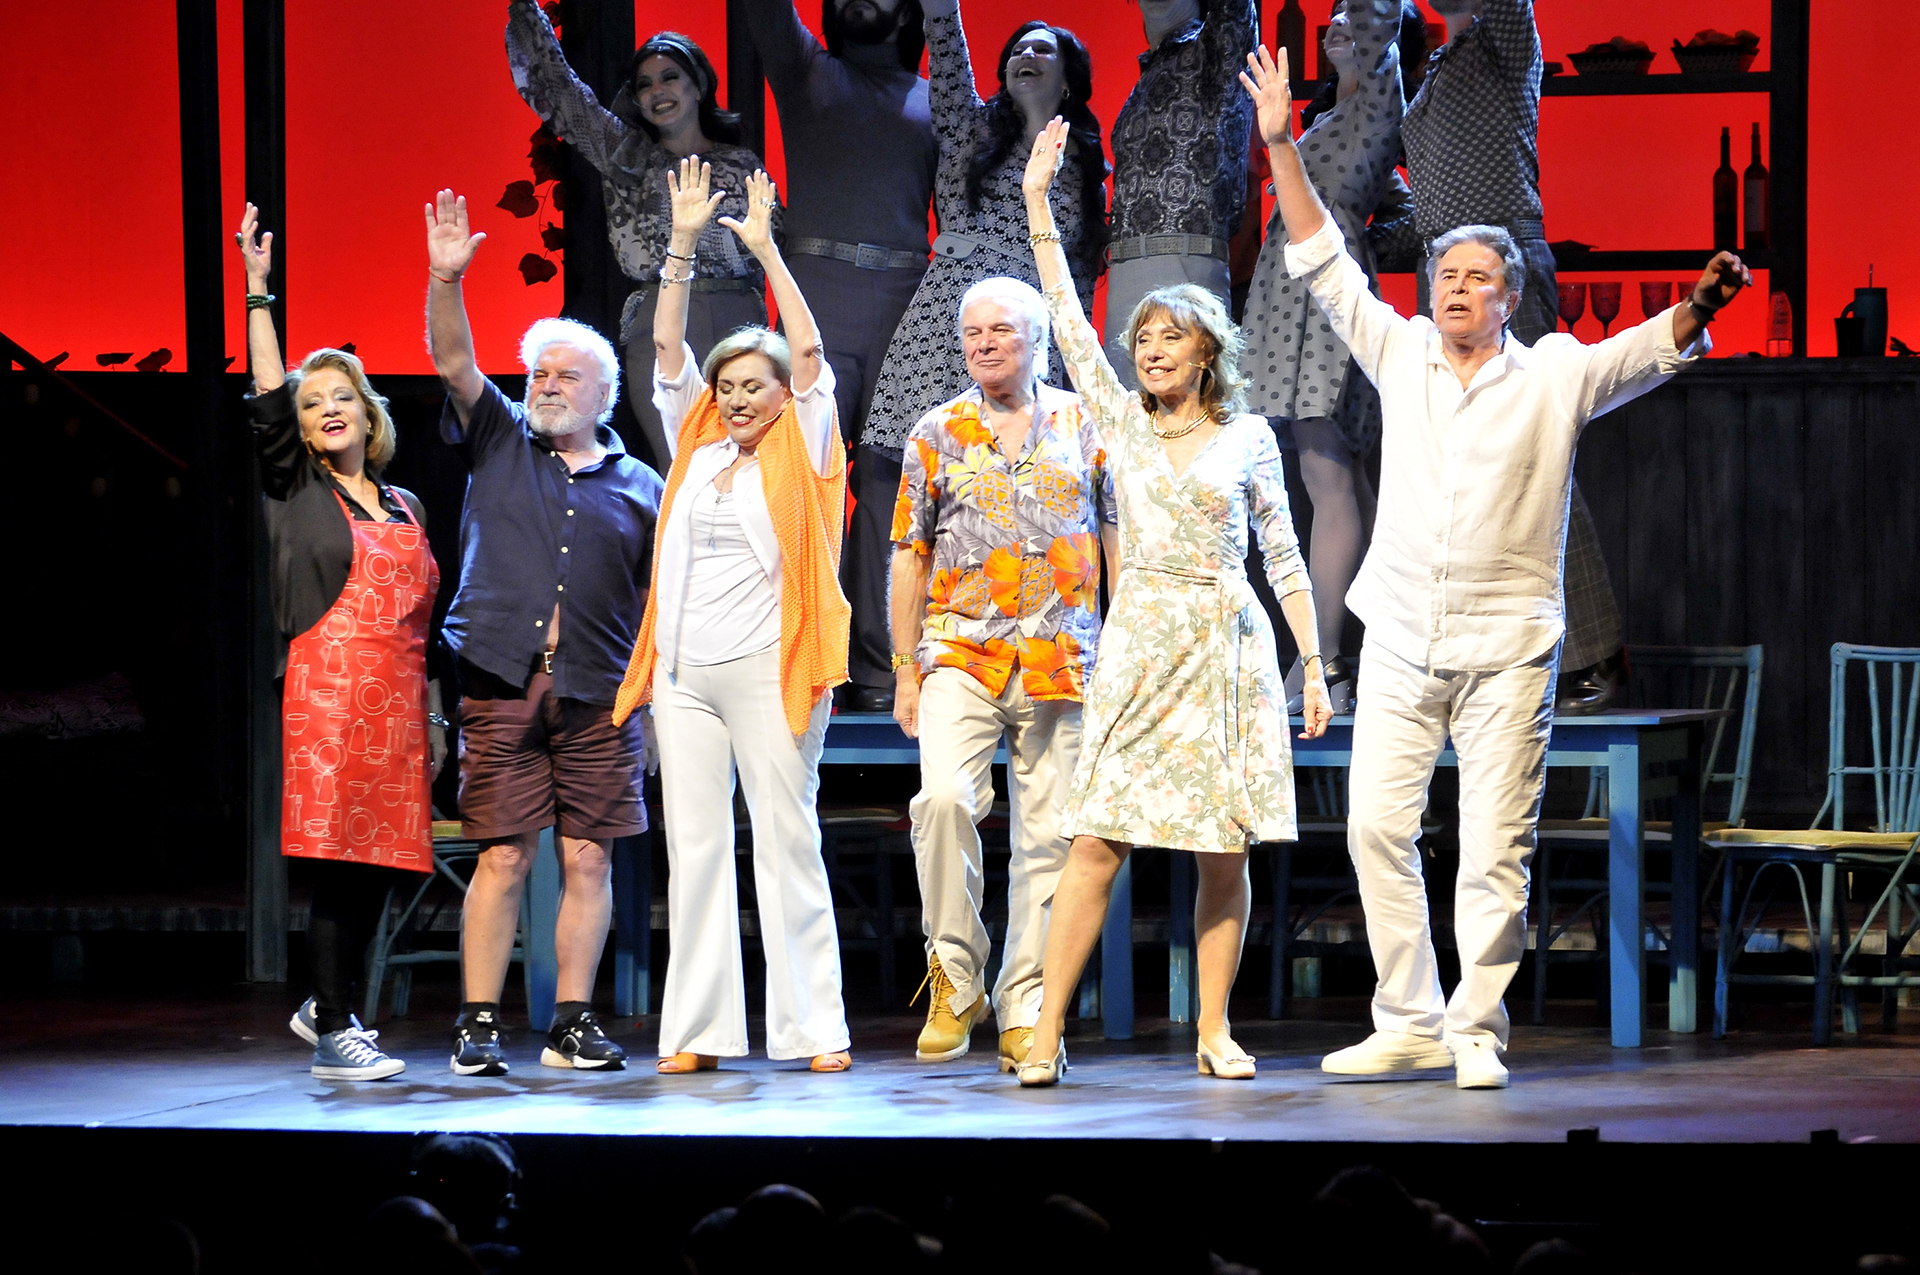 El espectáculo cuenta con una orquesta en vivo